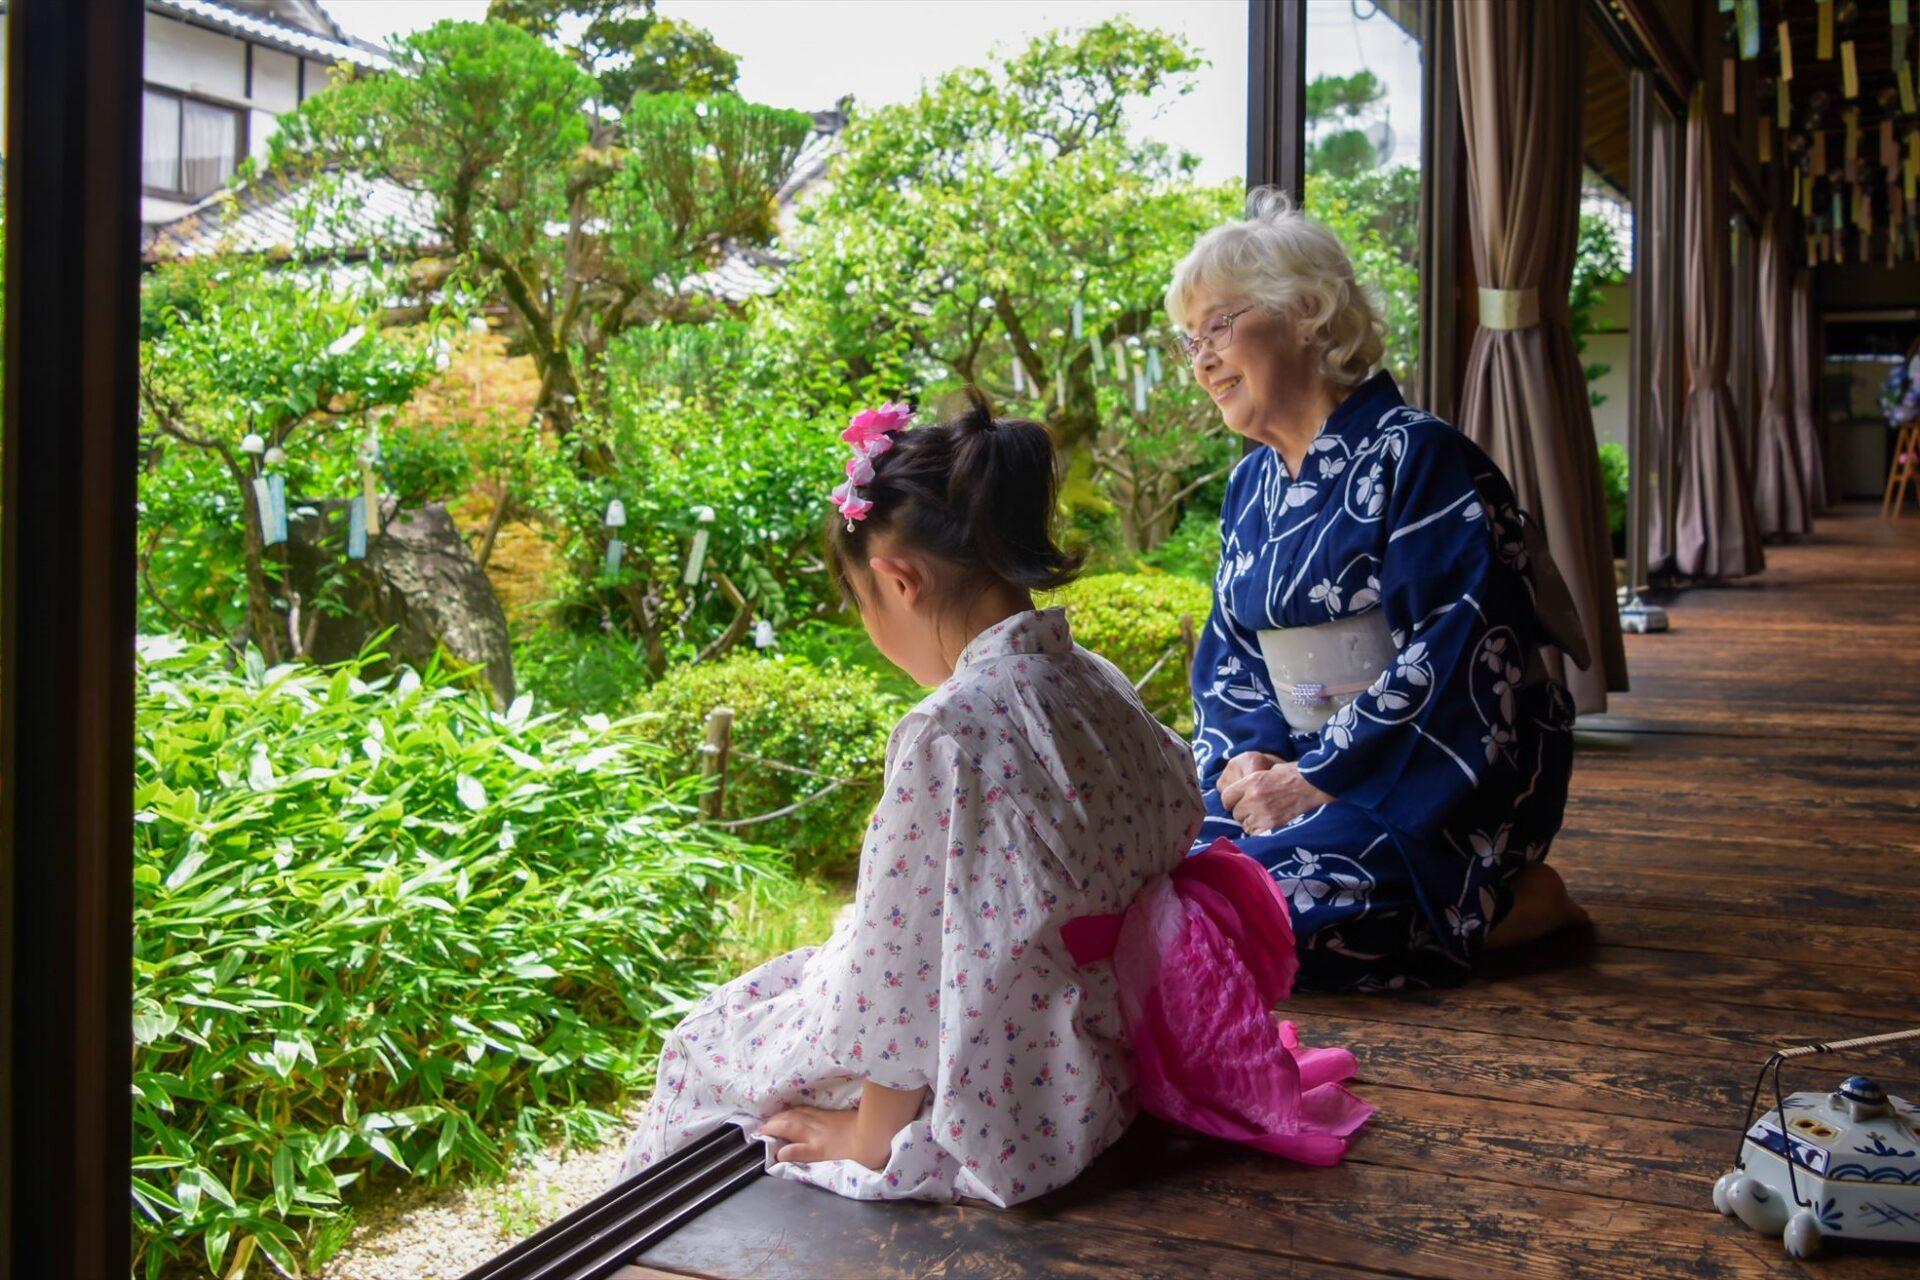 ベンチに座っている和服姿の老女とその孫娘。